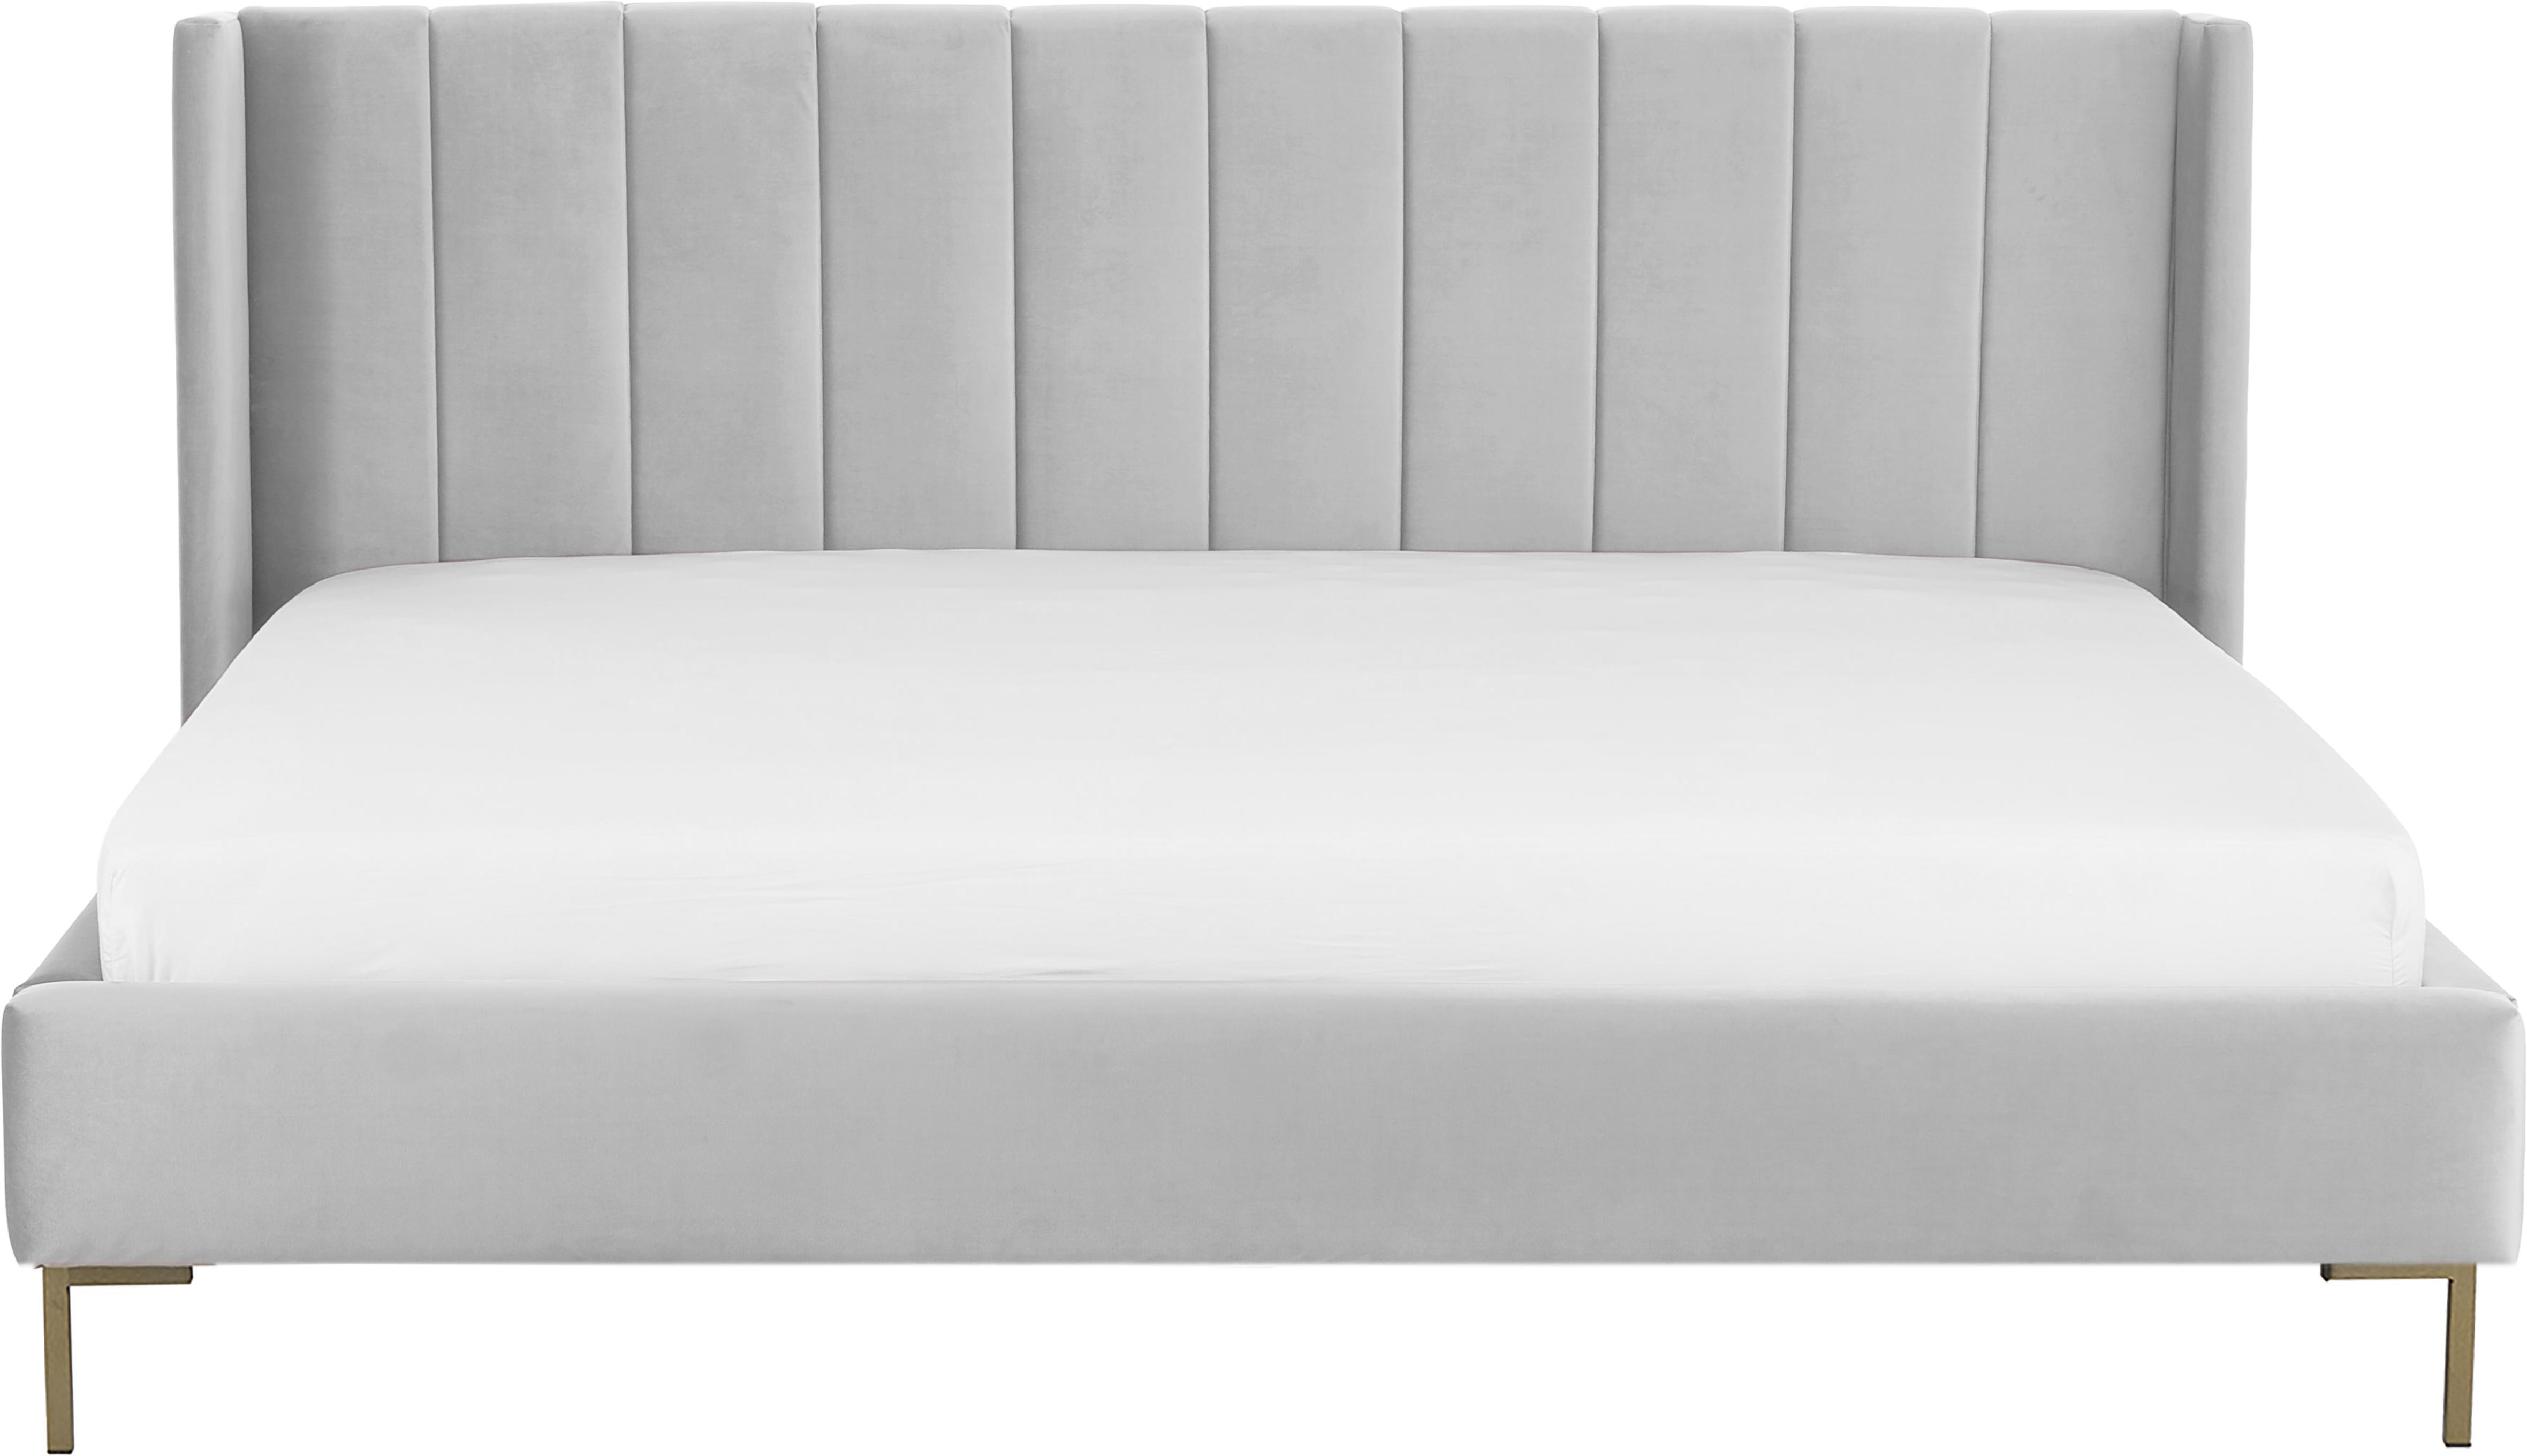 Łóżko tapicerowane z aksamitu Dusk, Korpus: lite drewno sosnowe, Nogi: metal malowany proszkowo, Tapicerka: aksamit poliestrowy 3500, Jasny szary, 180 x 200 cm